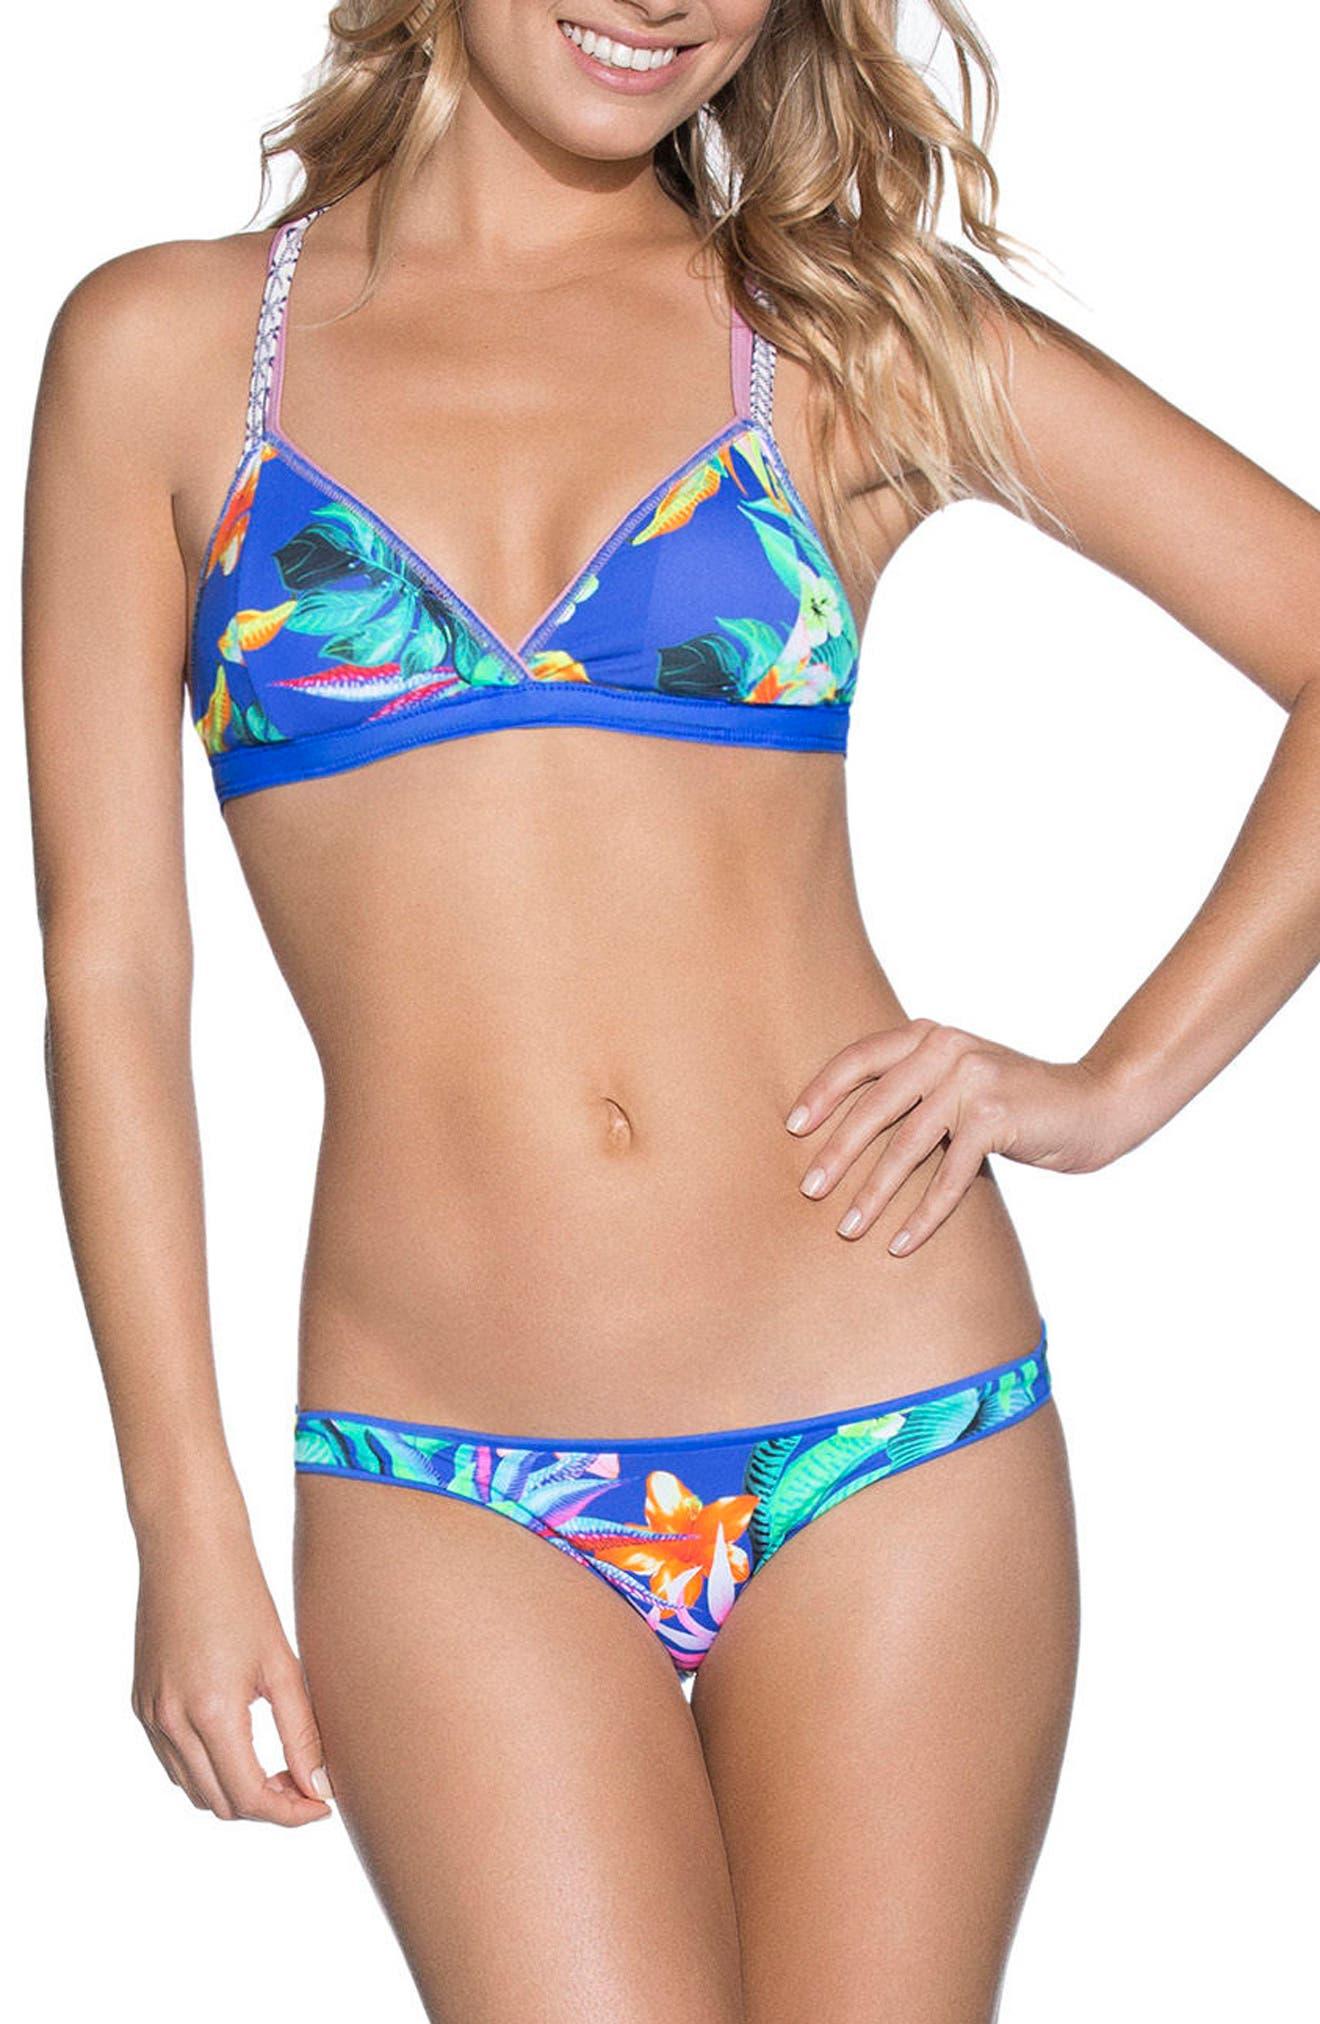 Neptune Blue Sublime Reversible Bikini Bottoms,                             Alternate thumbnail 6, color,                             400